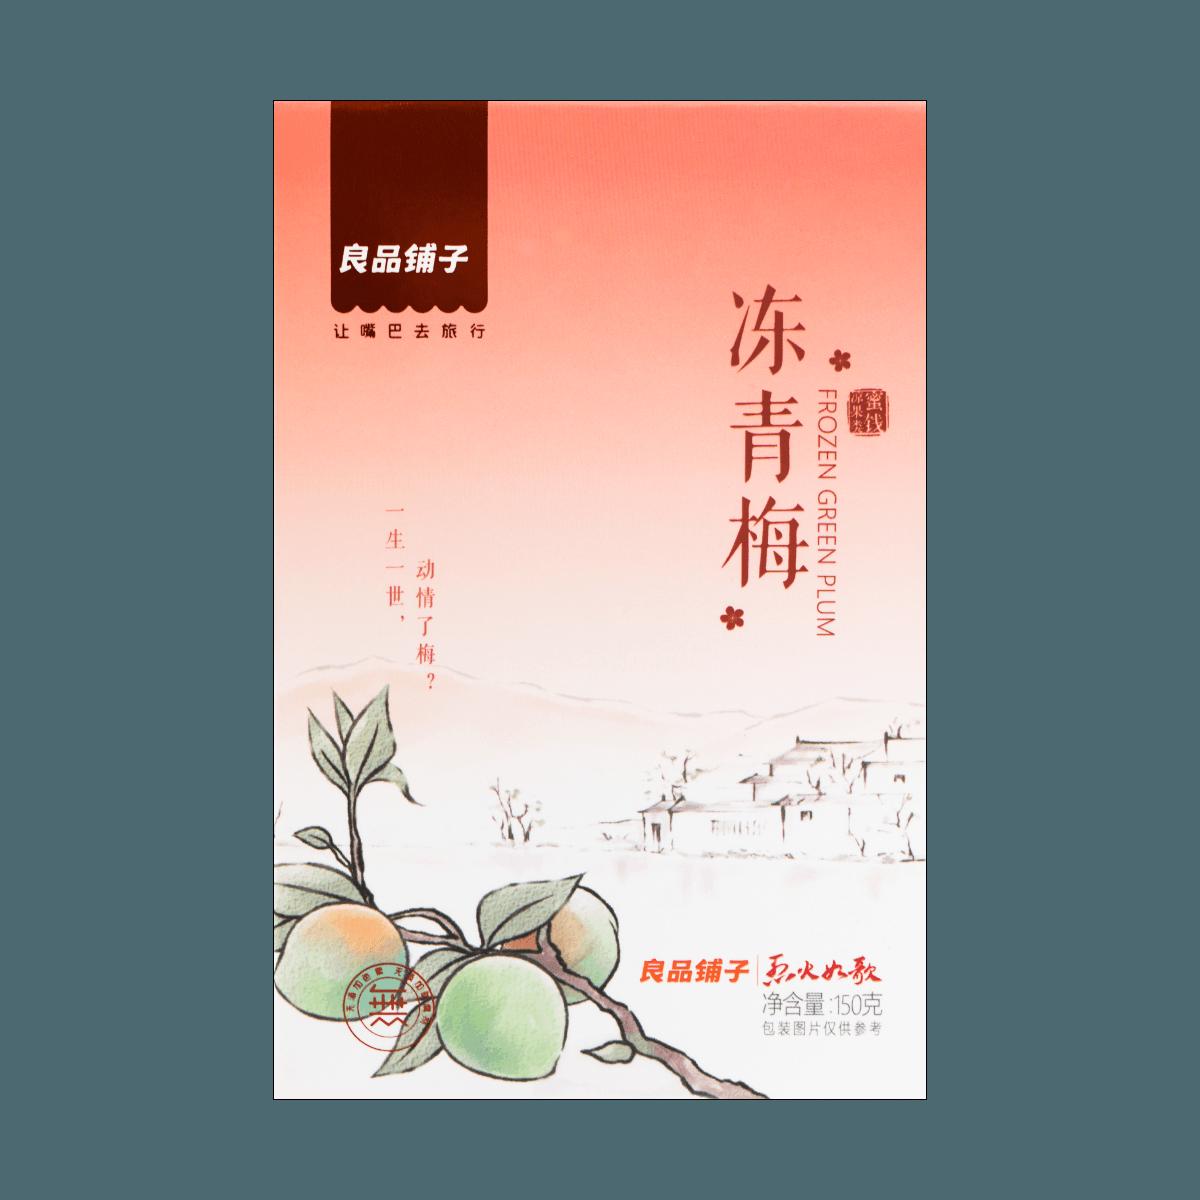 良品铺子 蜜饯凉果类 冻青梅 150g 怎么样 - 亚米网